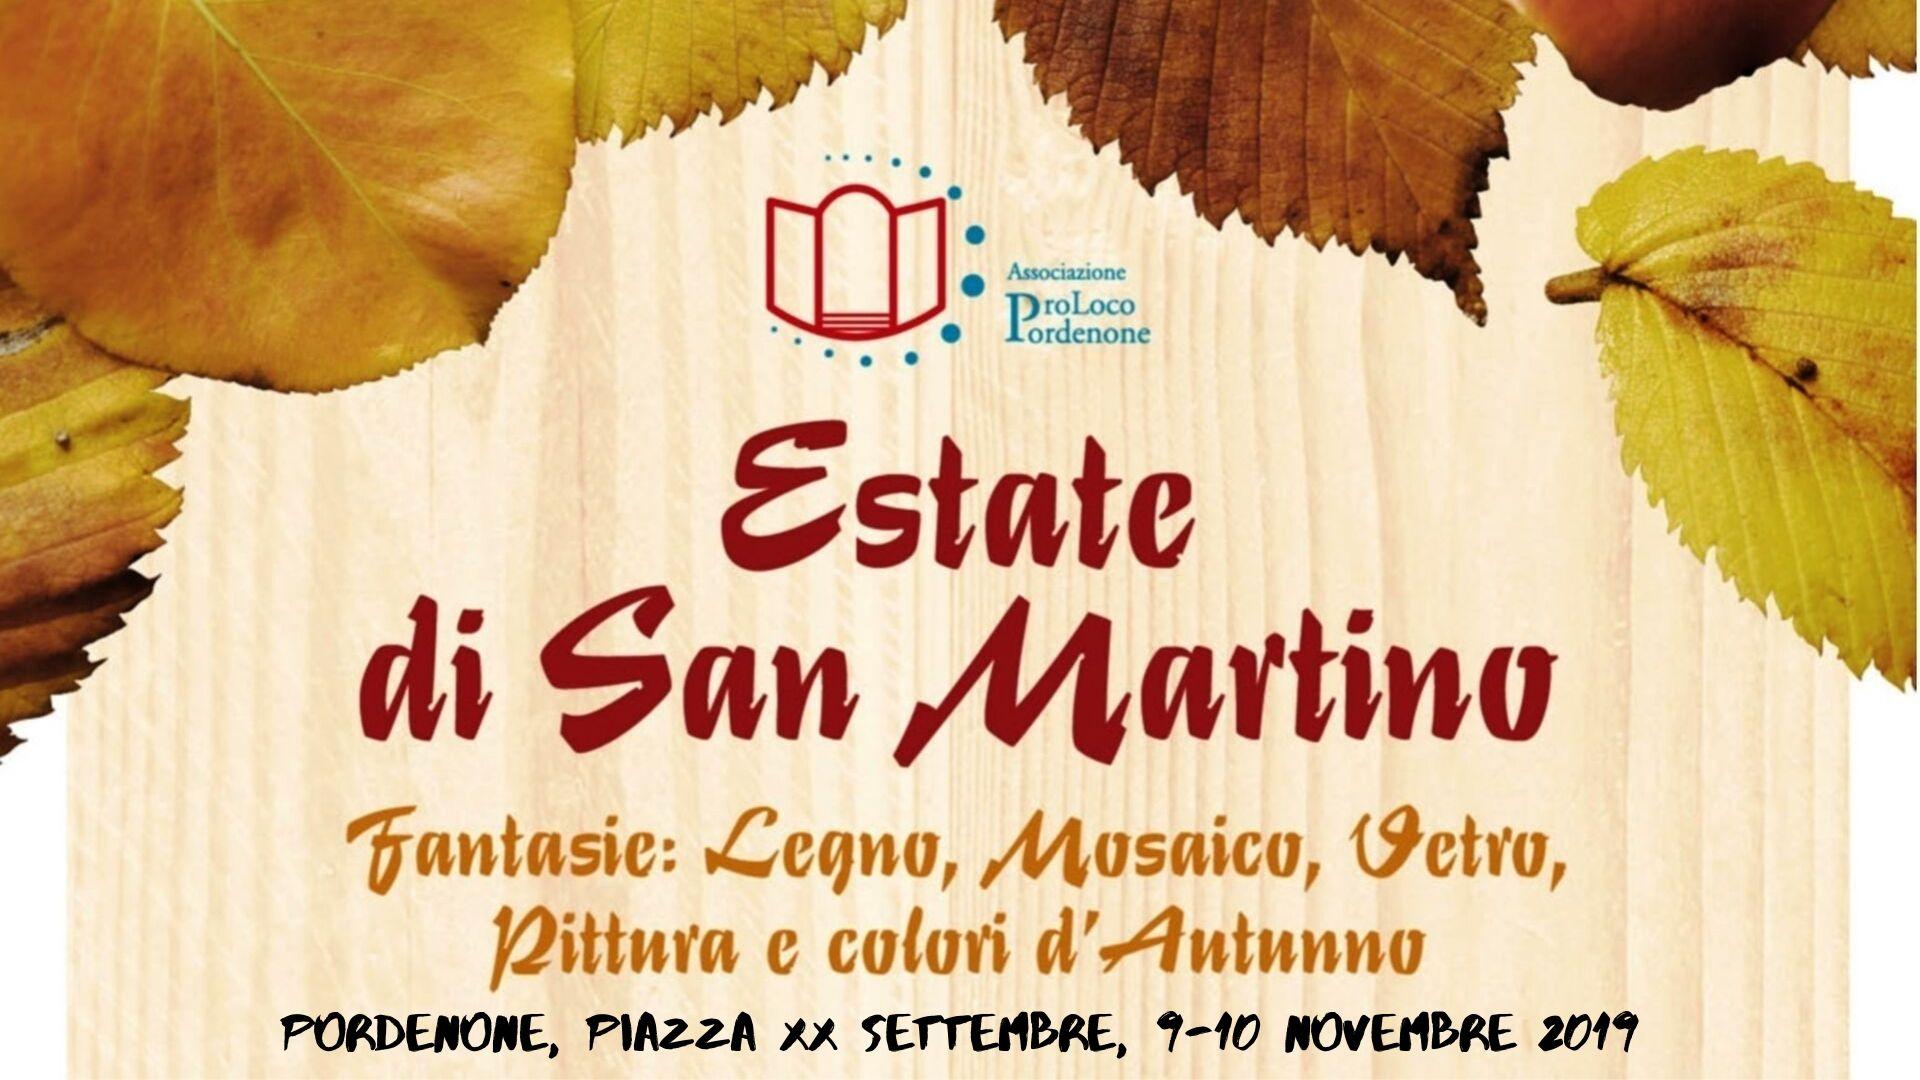 Estate Di San Martino 2019, Pordenone Piazza XX Settembre